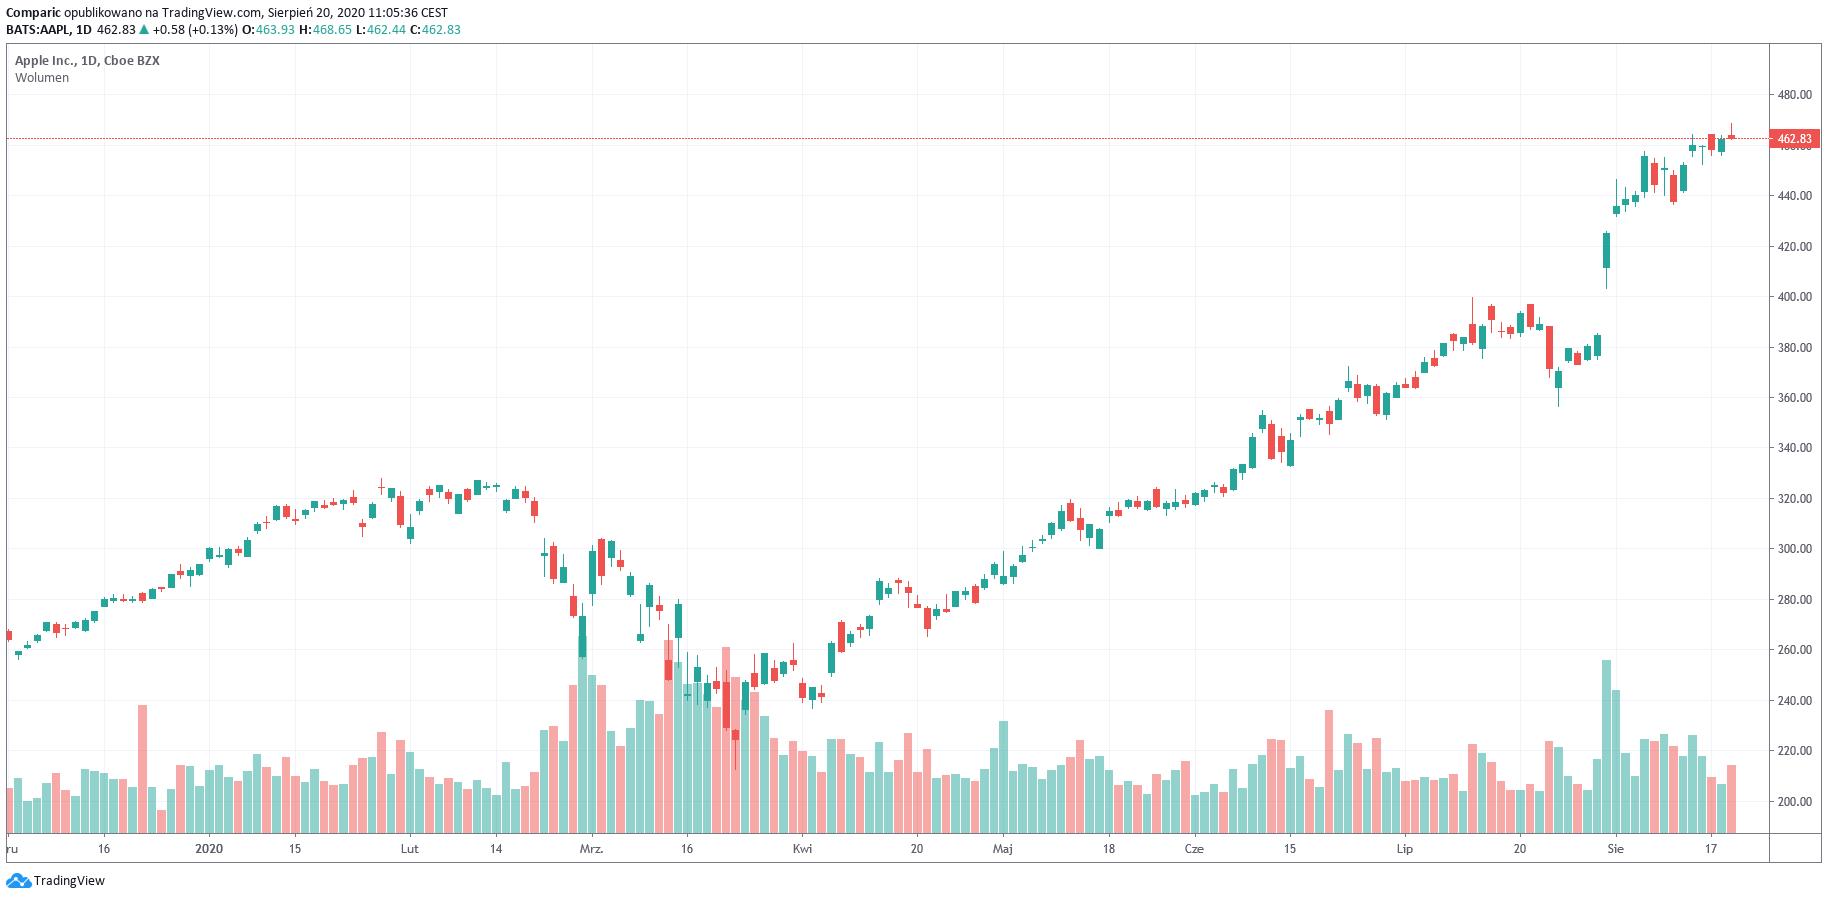 Apple z niesamowitym rekordem, kapitalizacja rynkowa już ponad 2 mld dol.!